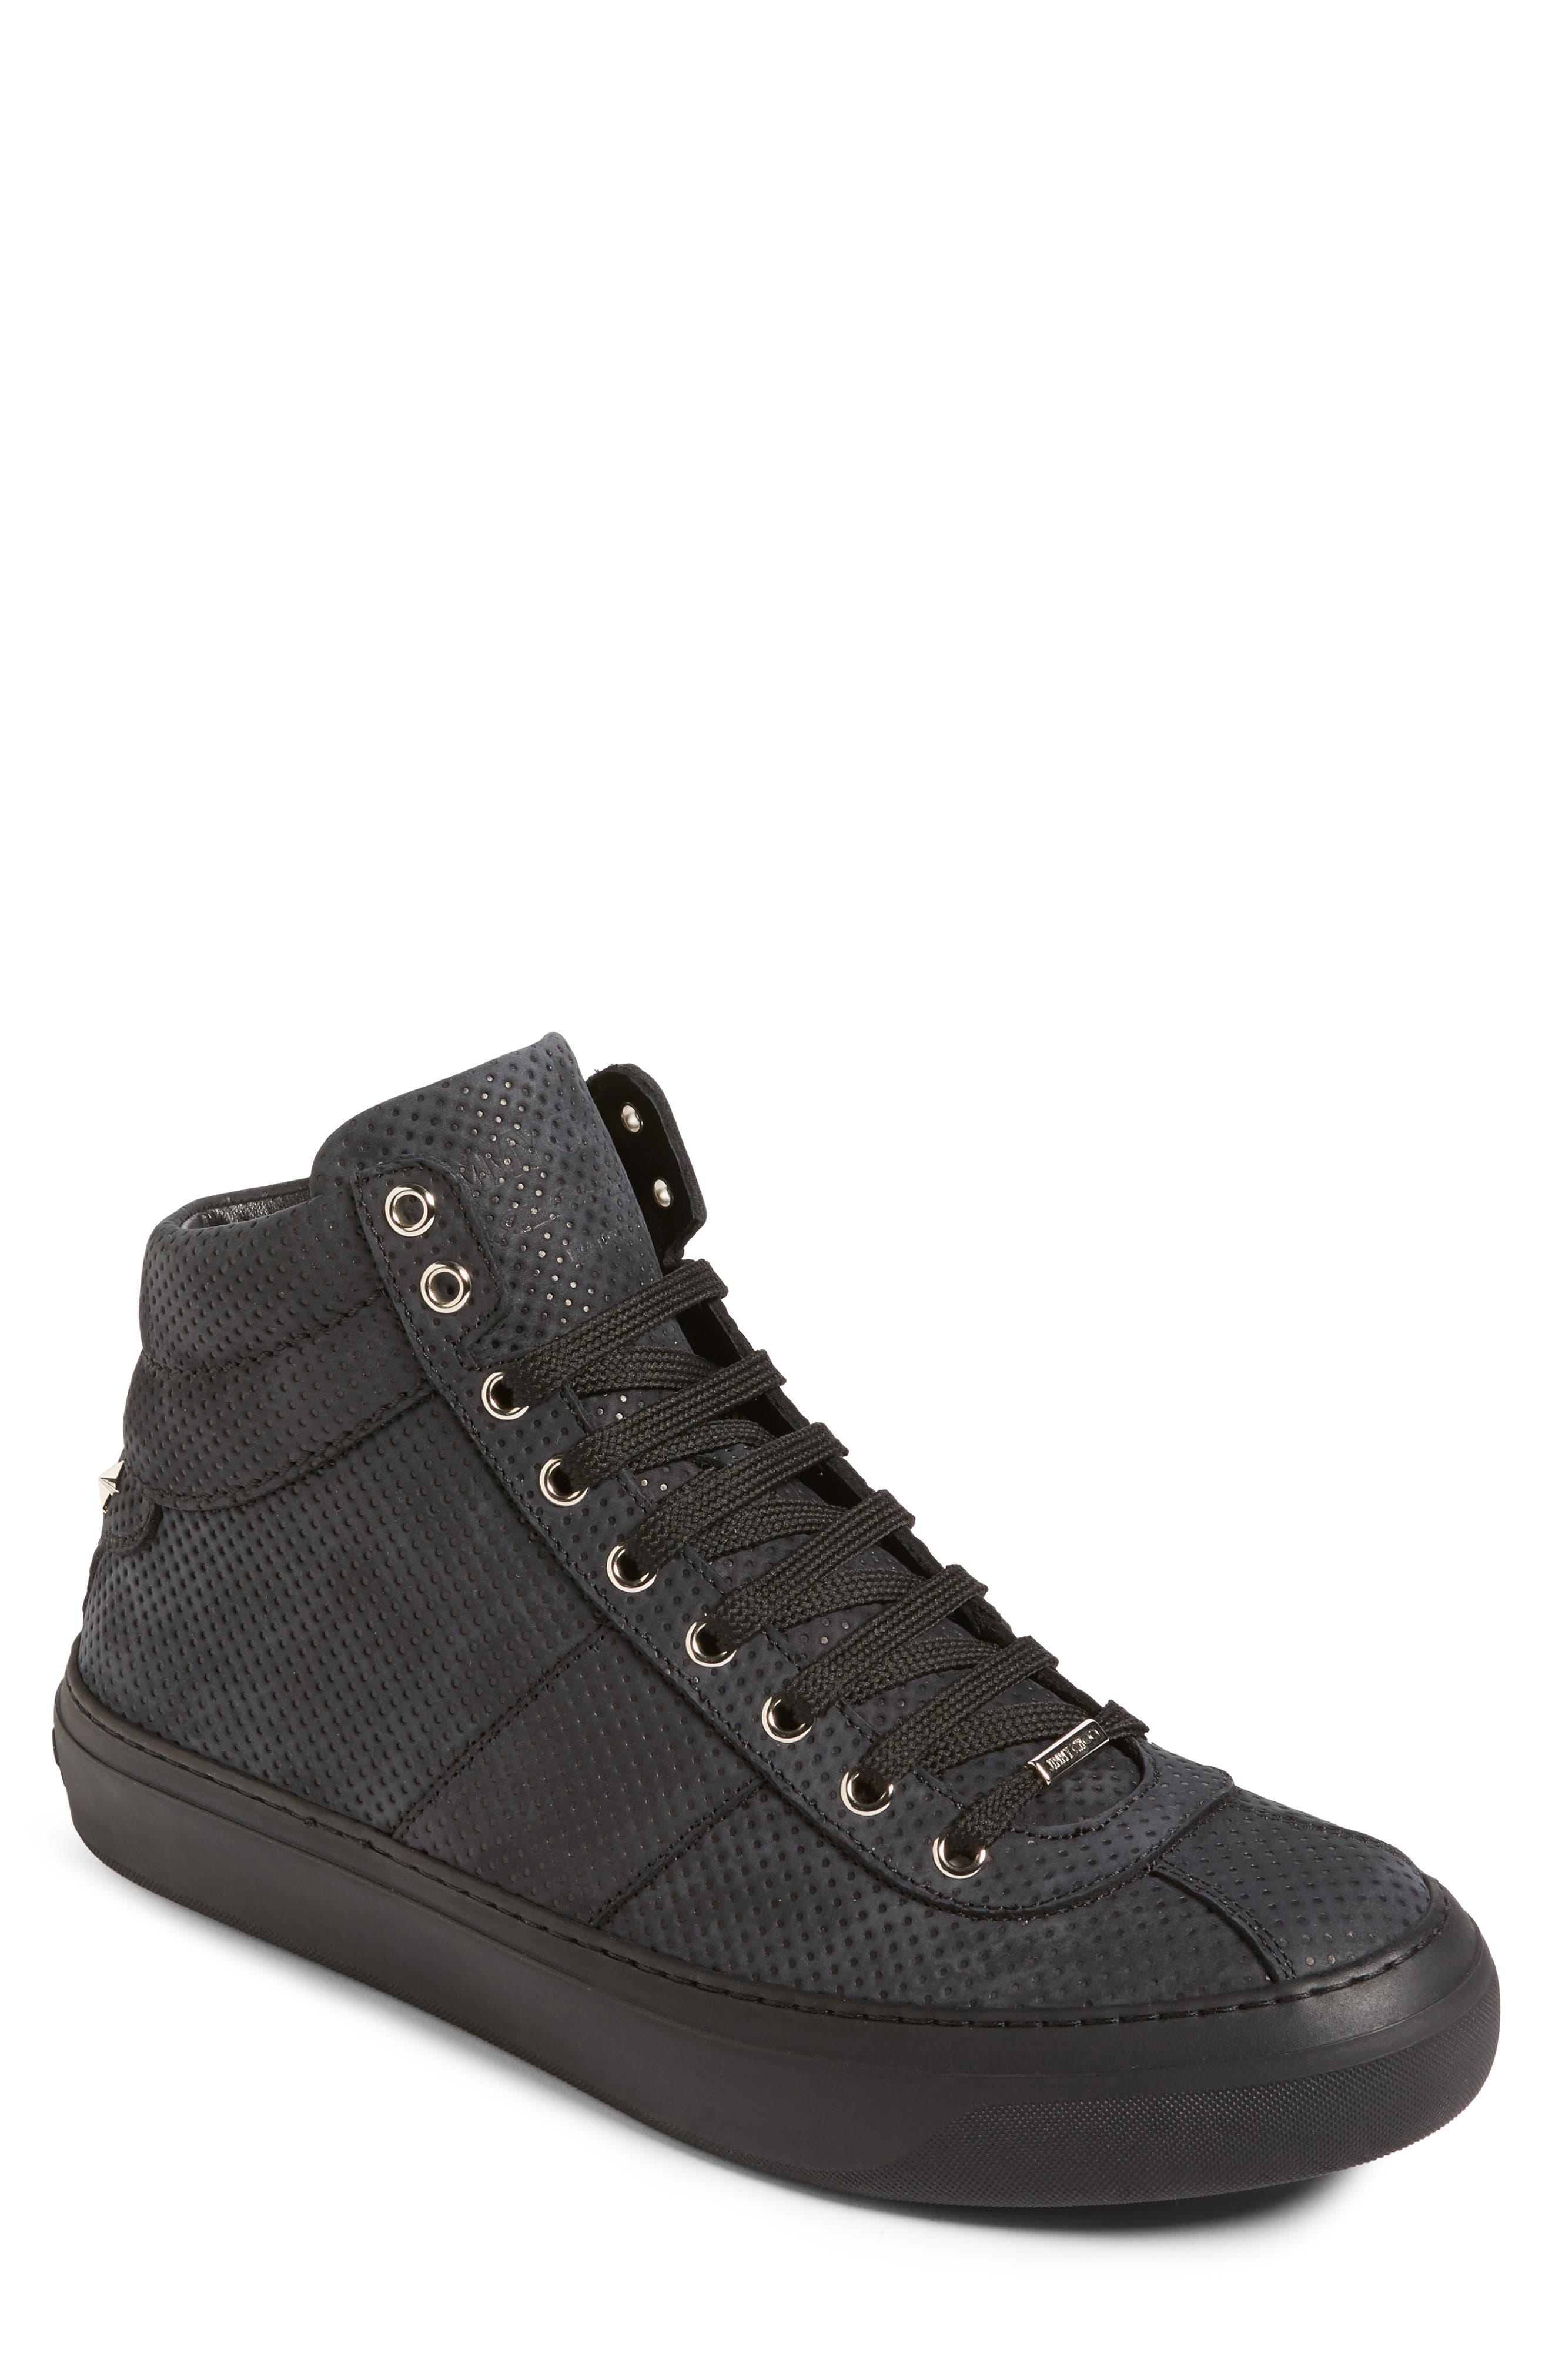 Belgravi Sneaker,                             Main thumbnail 1, color,                             001